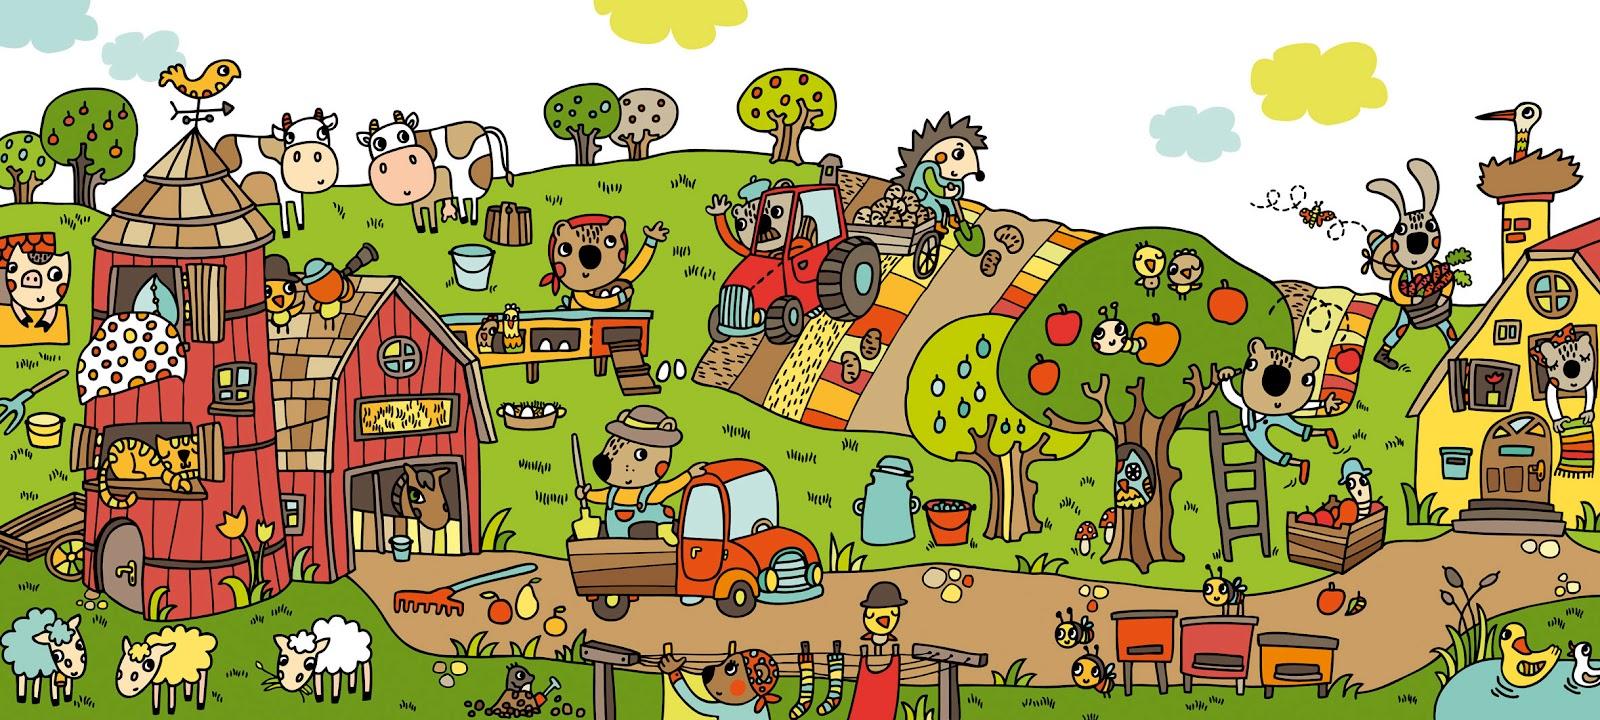 Dibujos De Granjas Infantiles A Color: Colección De Láminas En Color XL Para Trabajar Atención